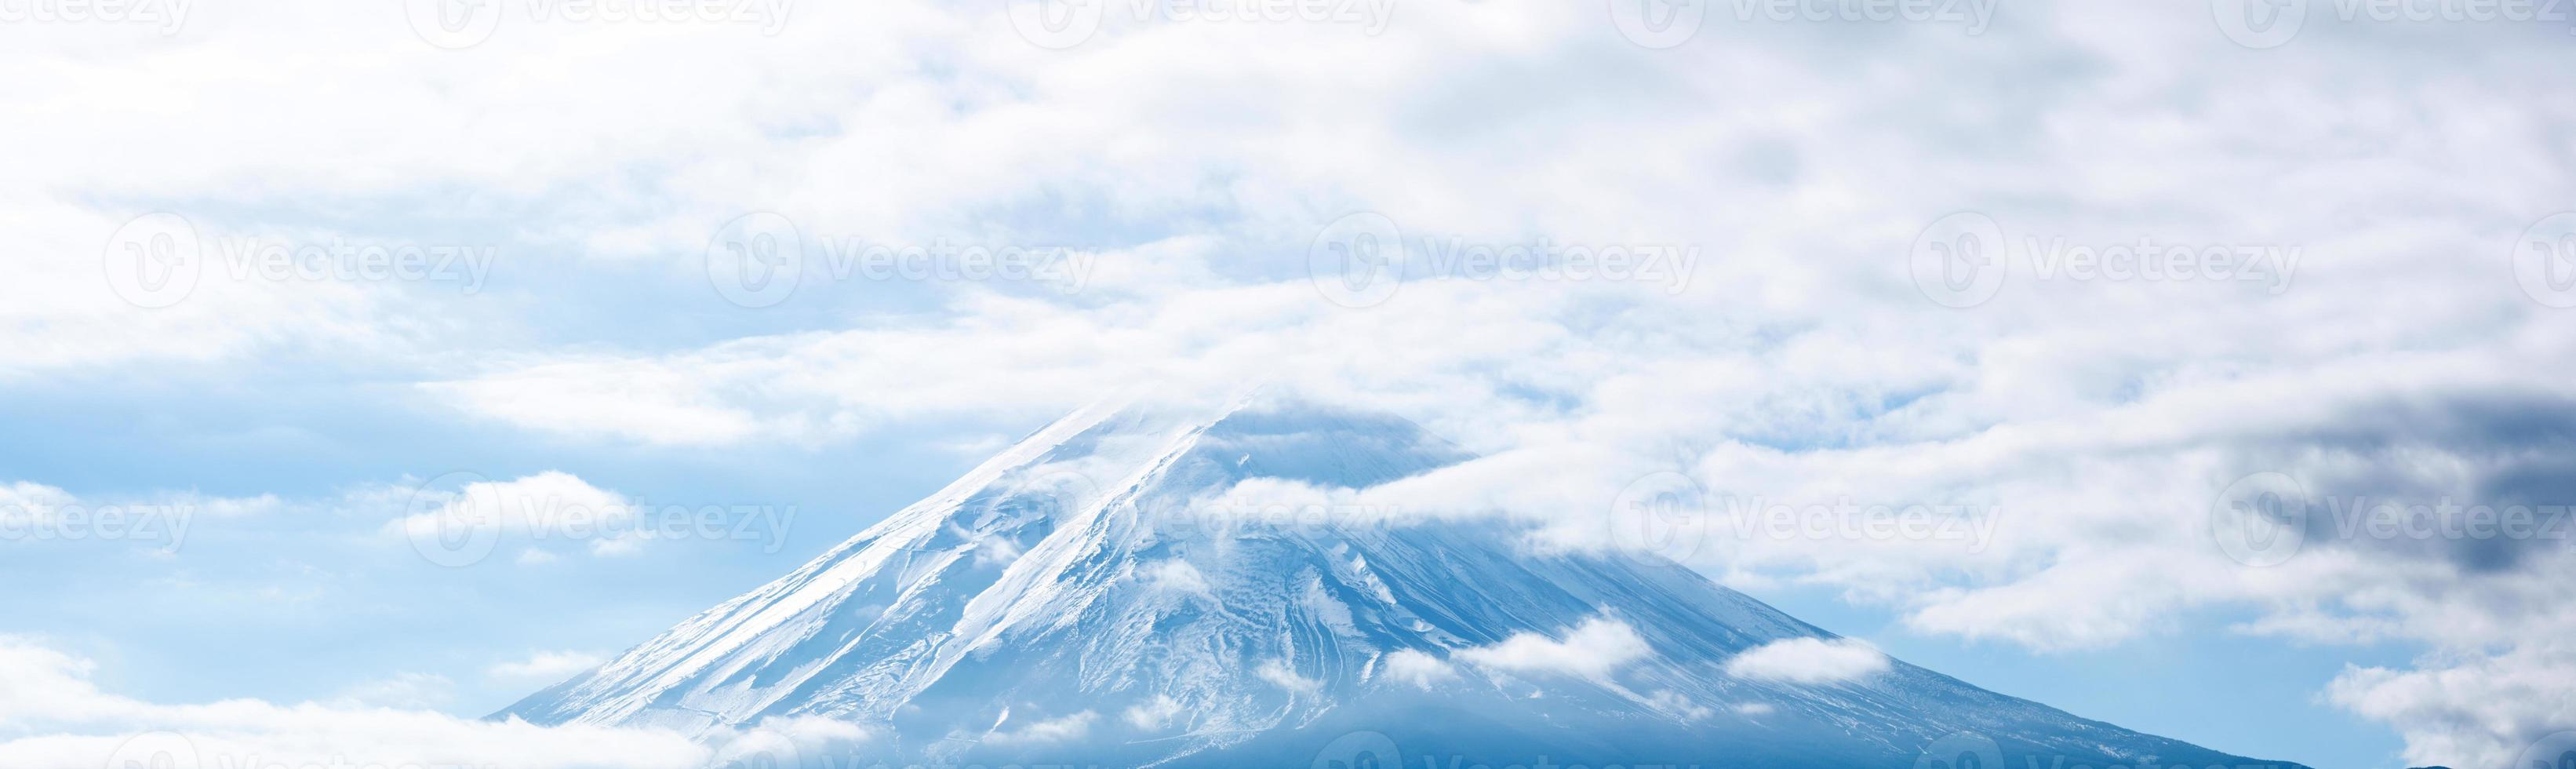 Panorama des Berges Fuji foto